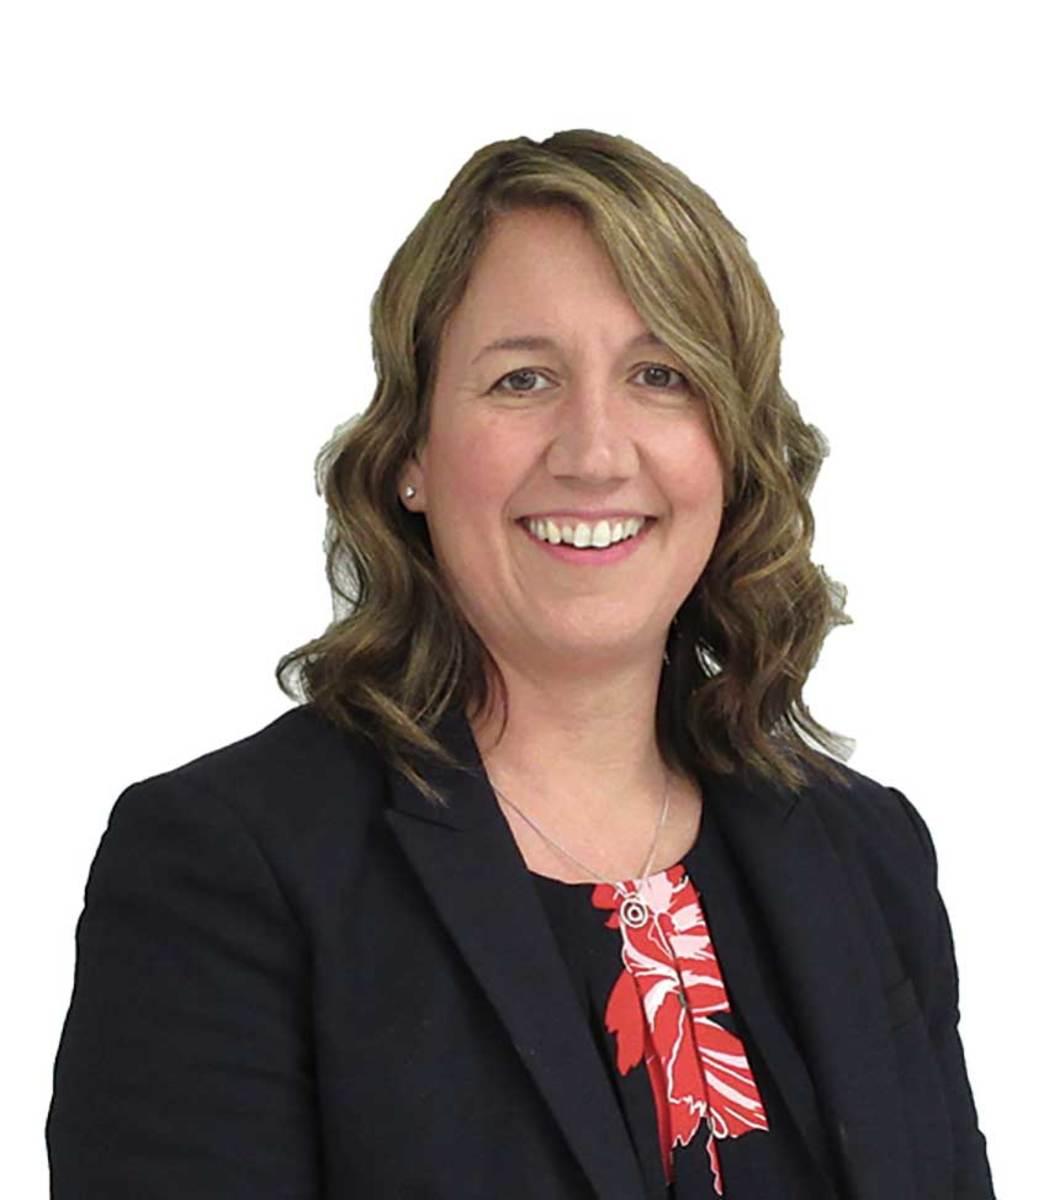 Melissa Ballard